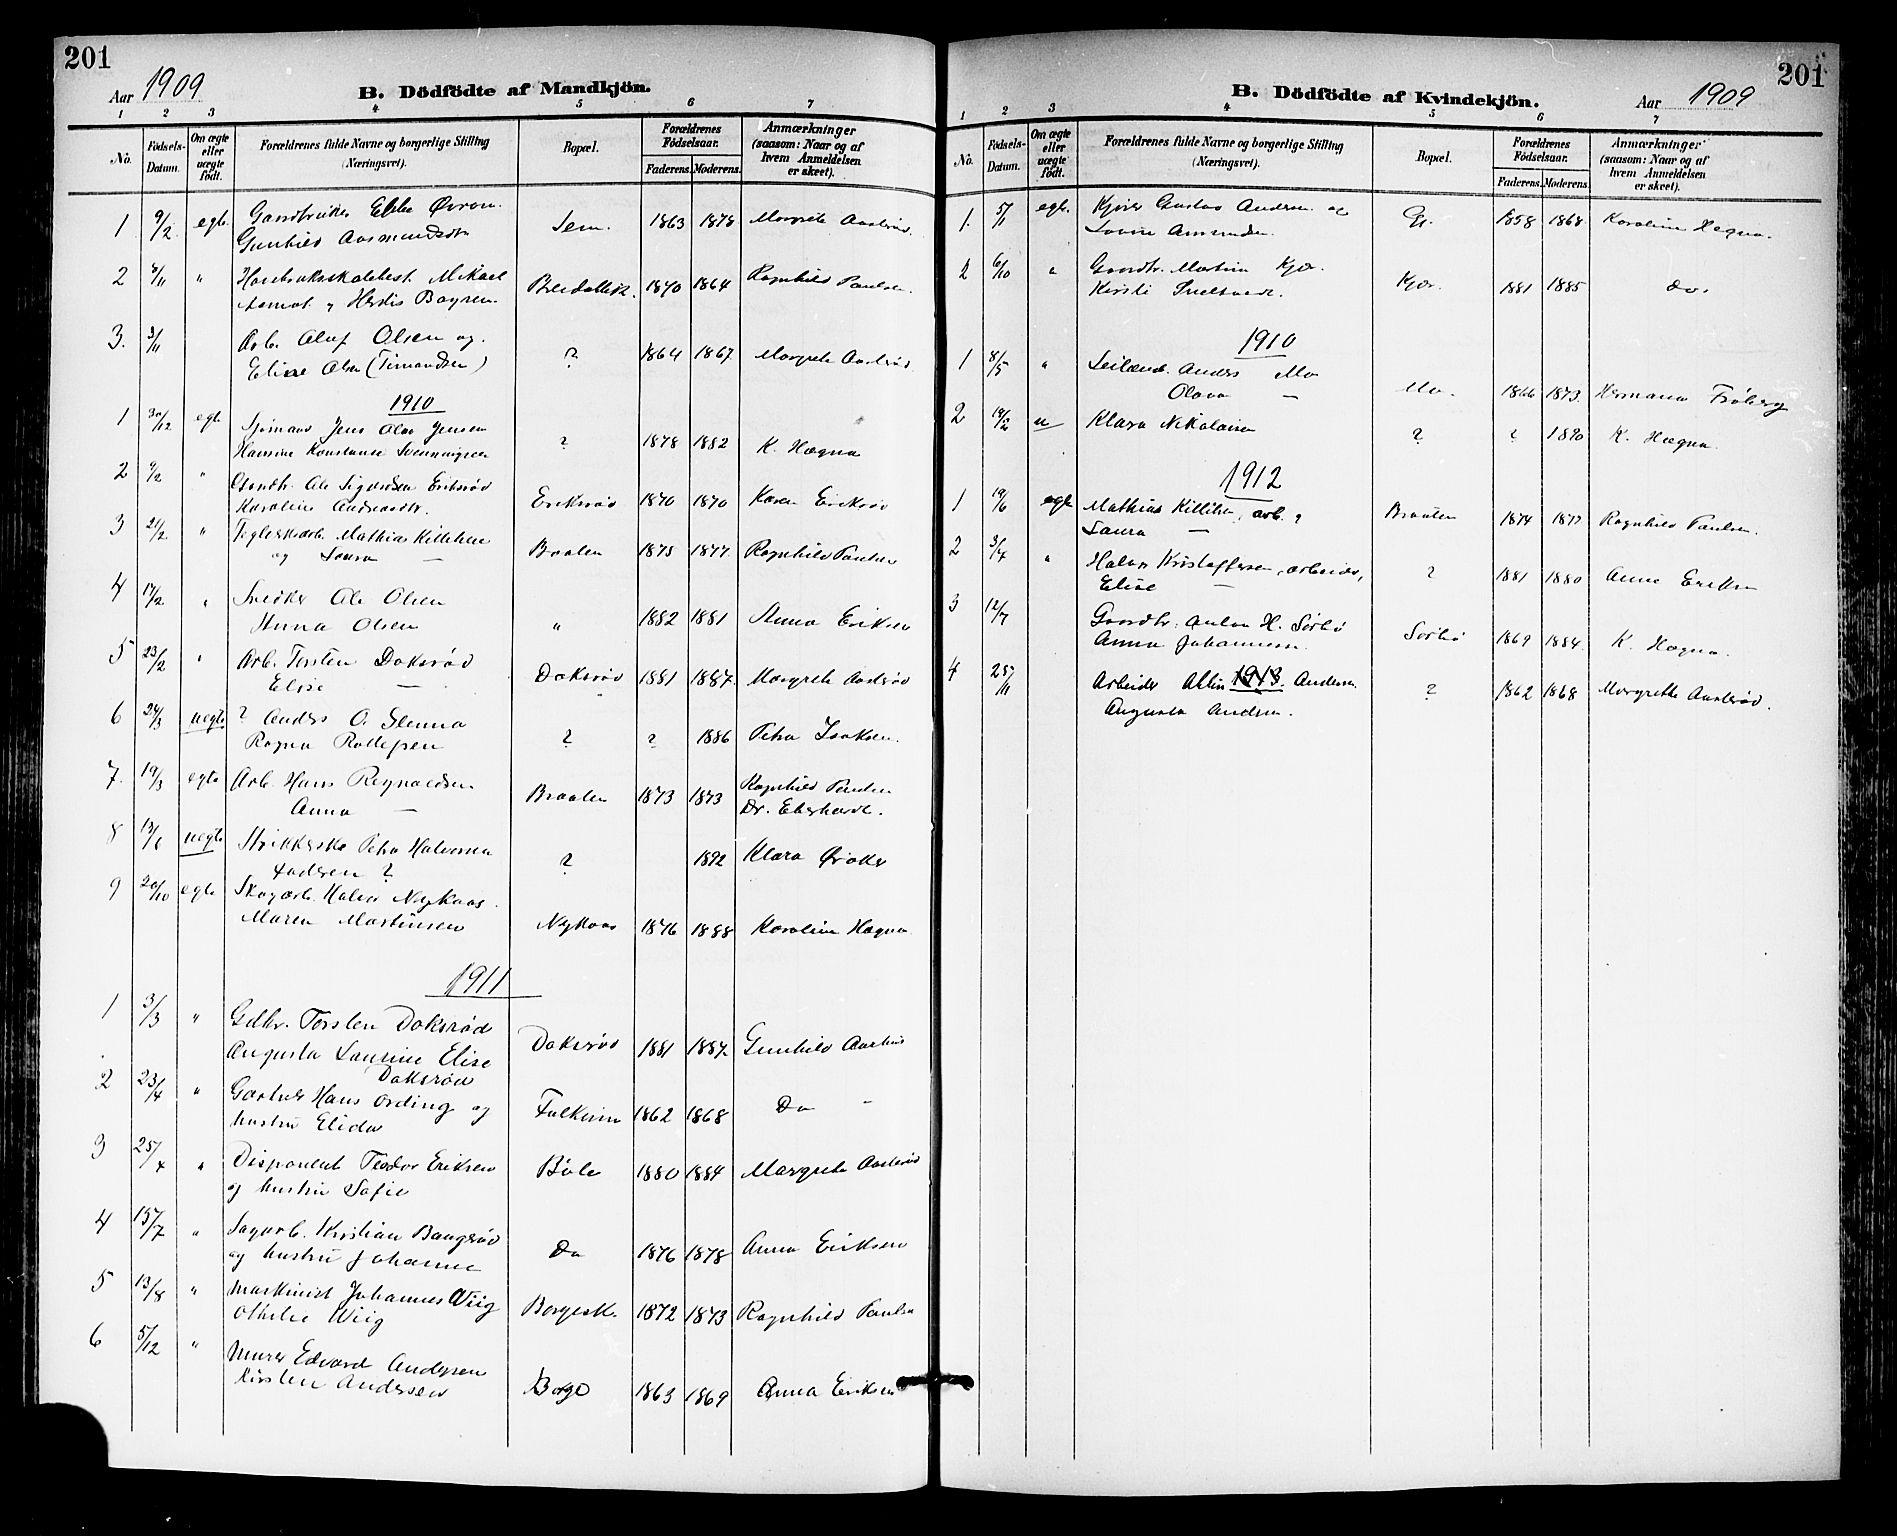 SAKO, Gjerpen kirkebøker, G/Ga/L0003: Klokkerbok nr. I 3, 1901-1919, s. 201